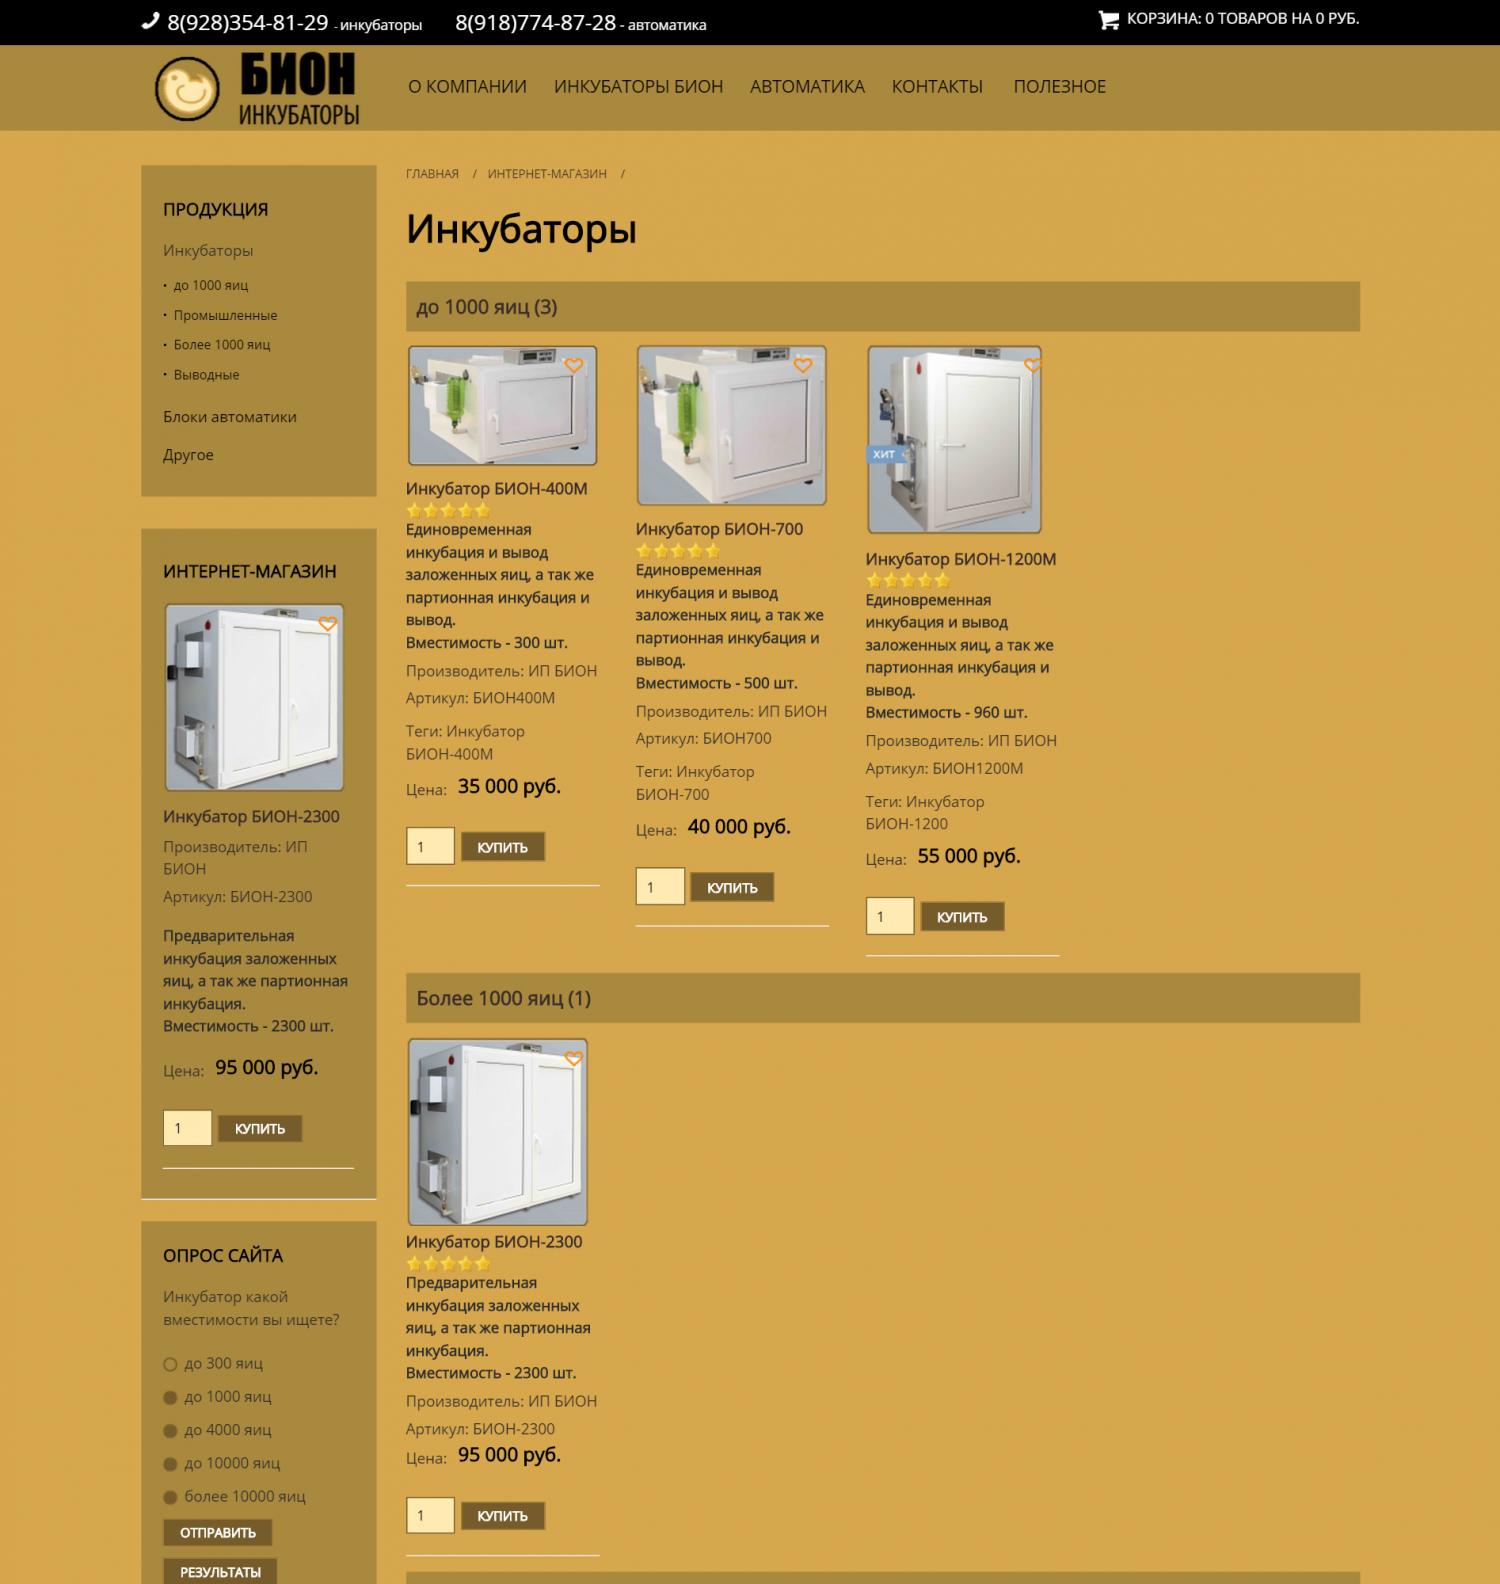 Фрагмент сайта Компании БИОН